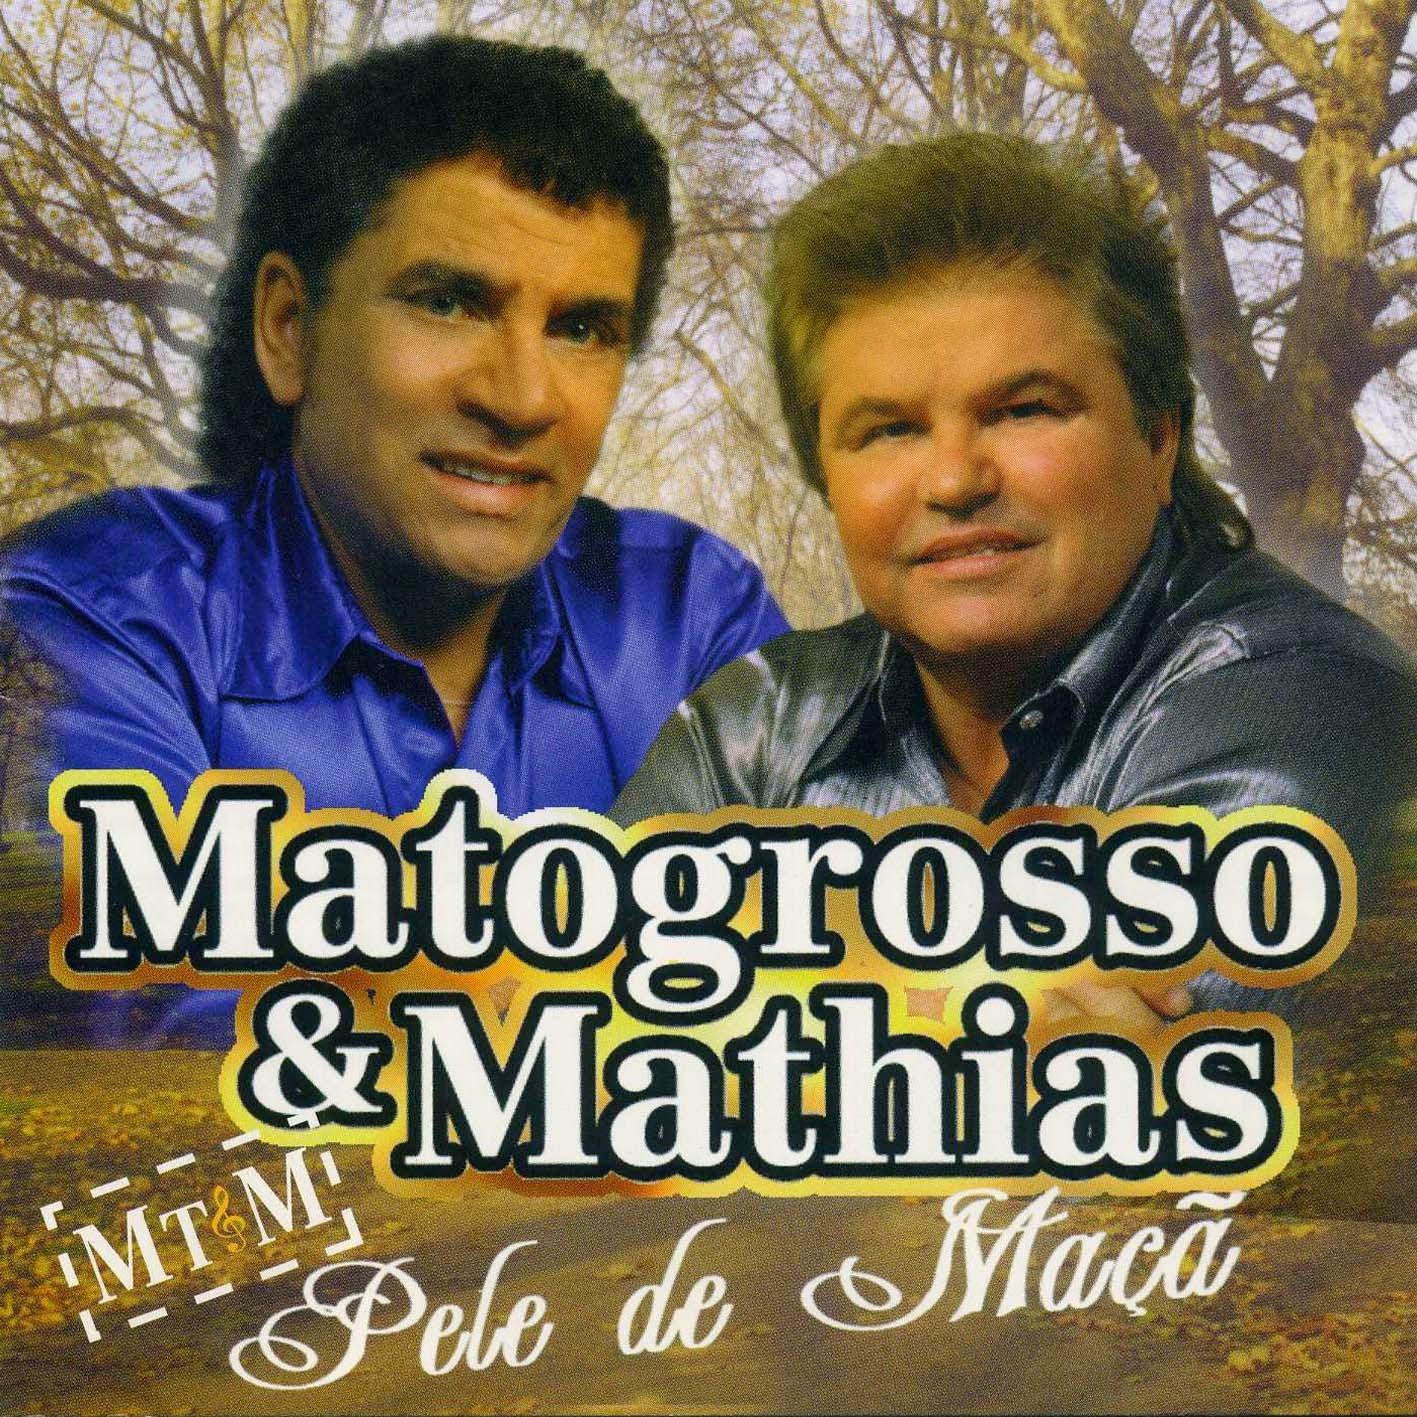 Resultado de imagem para DISCOGRAFIA MATOGROSSO E MATHIAS VOL 1